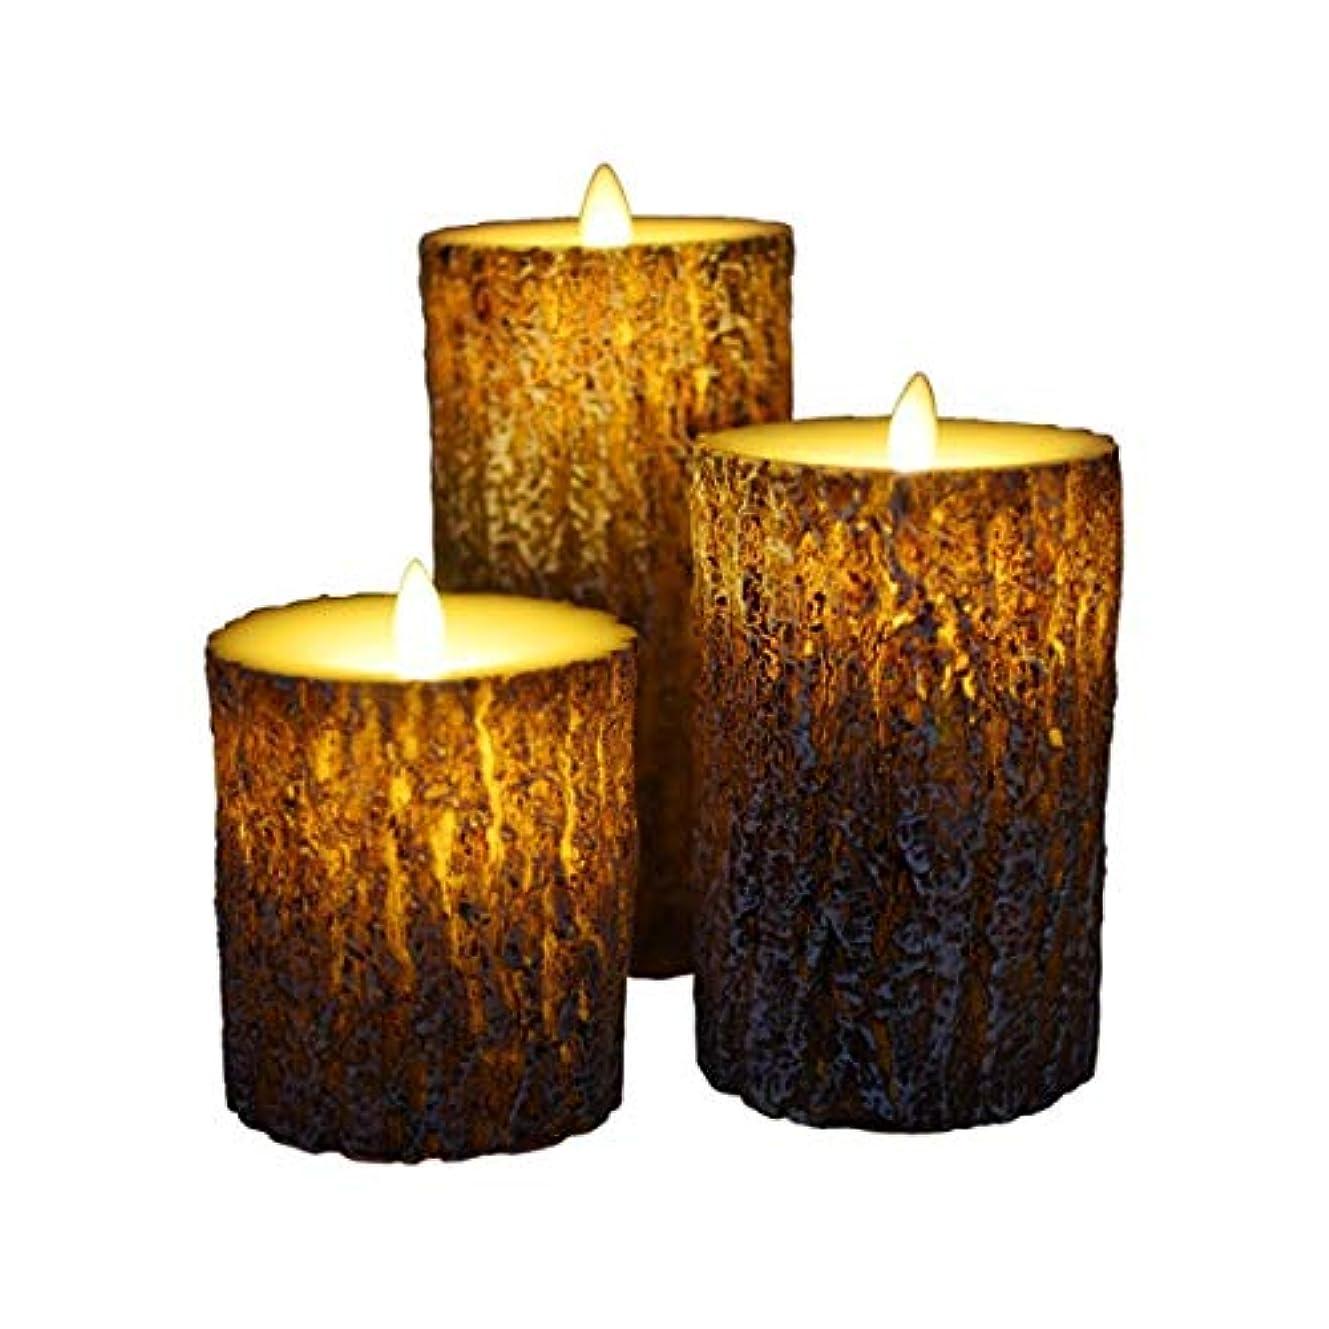 欠点順応性のある出版フレームレスキャンドルちらつきLED炎、松の樹皮の外観バッテリー駆動、パーティーウェディングデコレーション(3パック),8.5X15cm